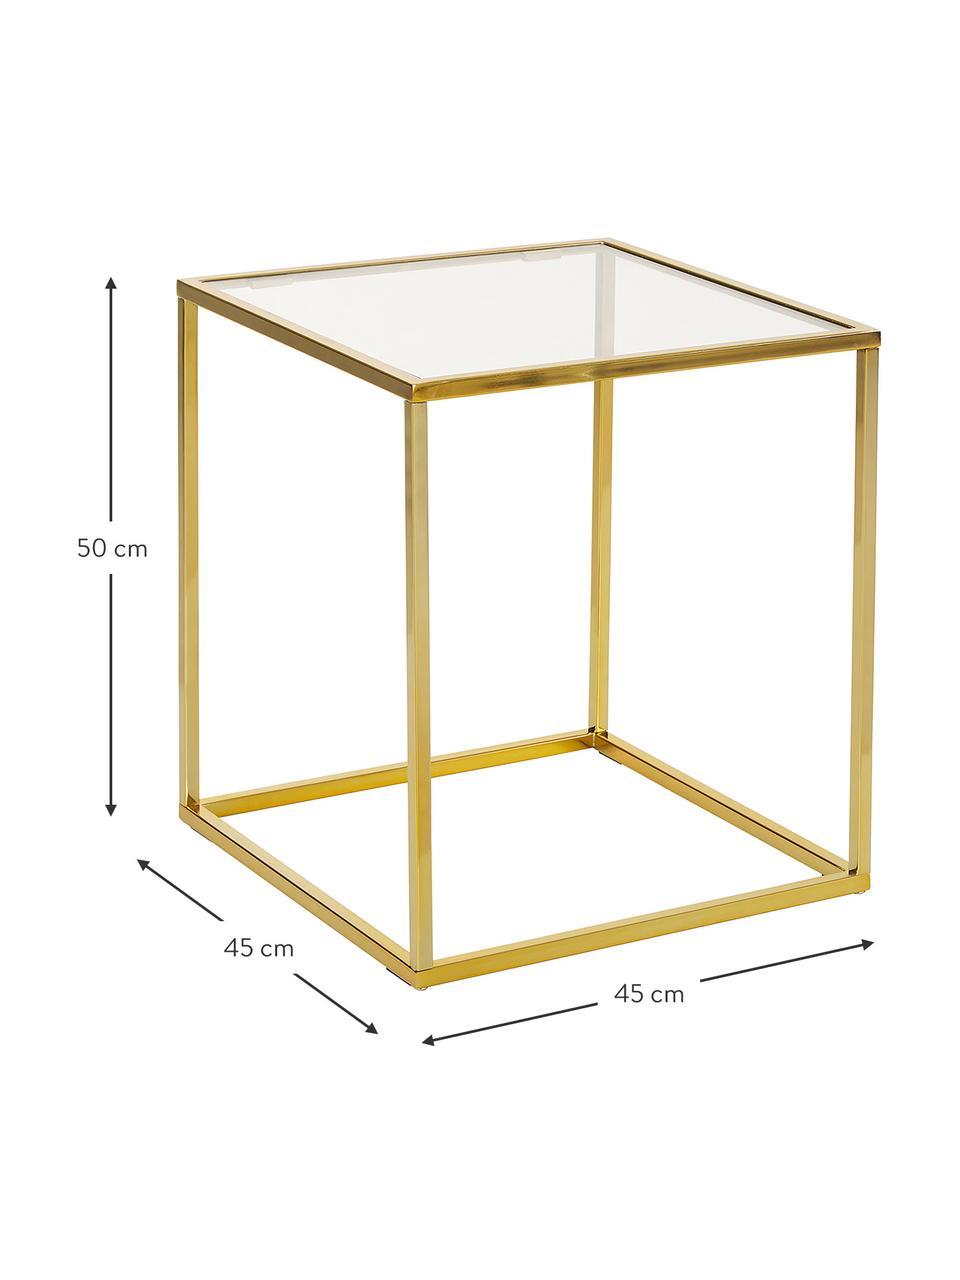 Stolik pomocniczy ze szklanym blatem Maya, Blat: szkło hartowane, Stelaż: metal galwanizowany, Blat: szkło, transparentny Stelaż: odcienie złotego, błyszczący, S 45 x W 50 cm